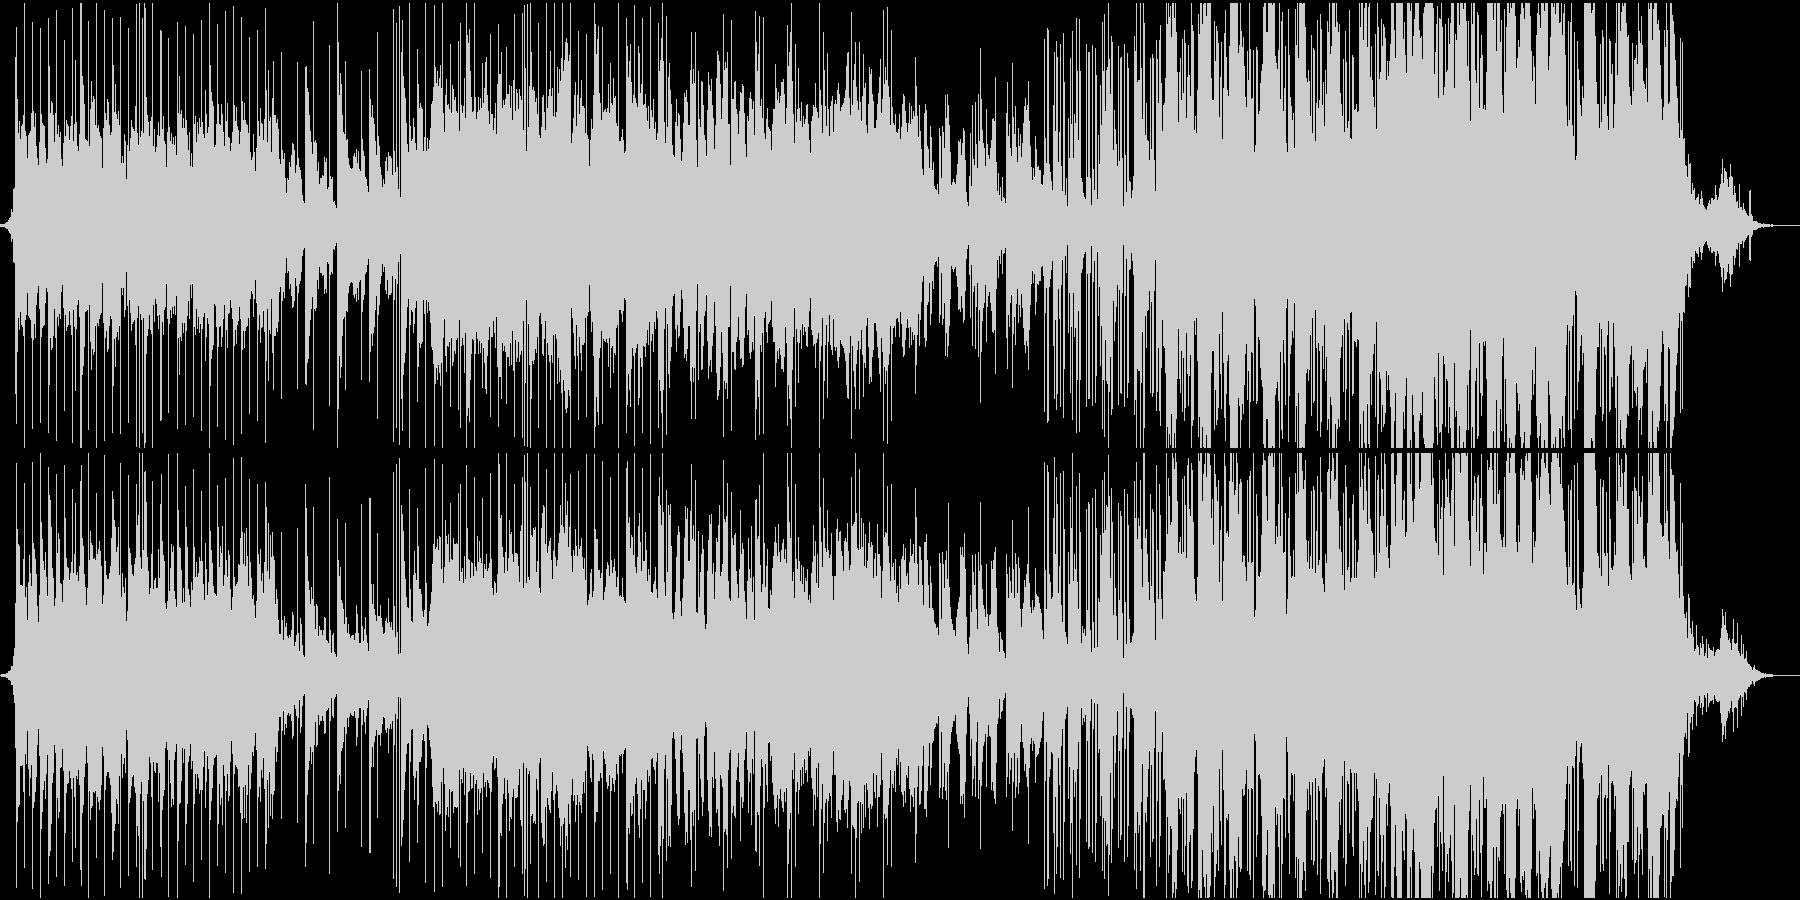 【生演奏】ゆったりした時が流れる弦楽器曲の未再生の波形